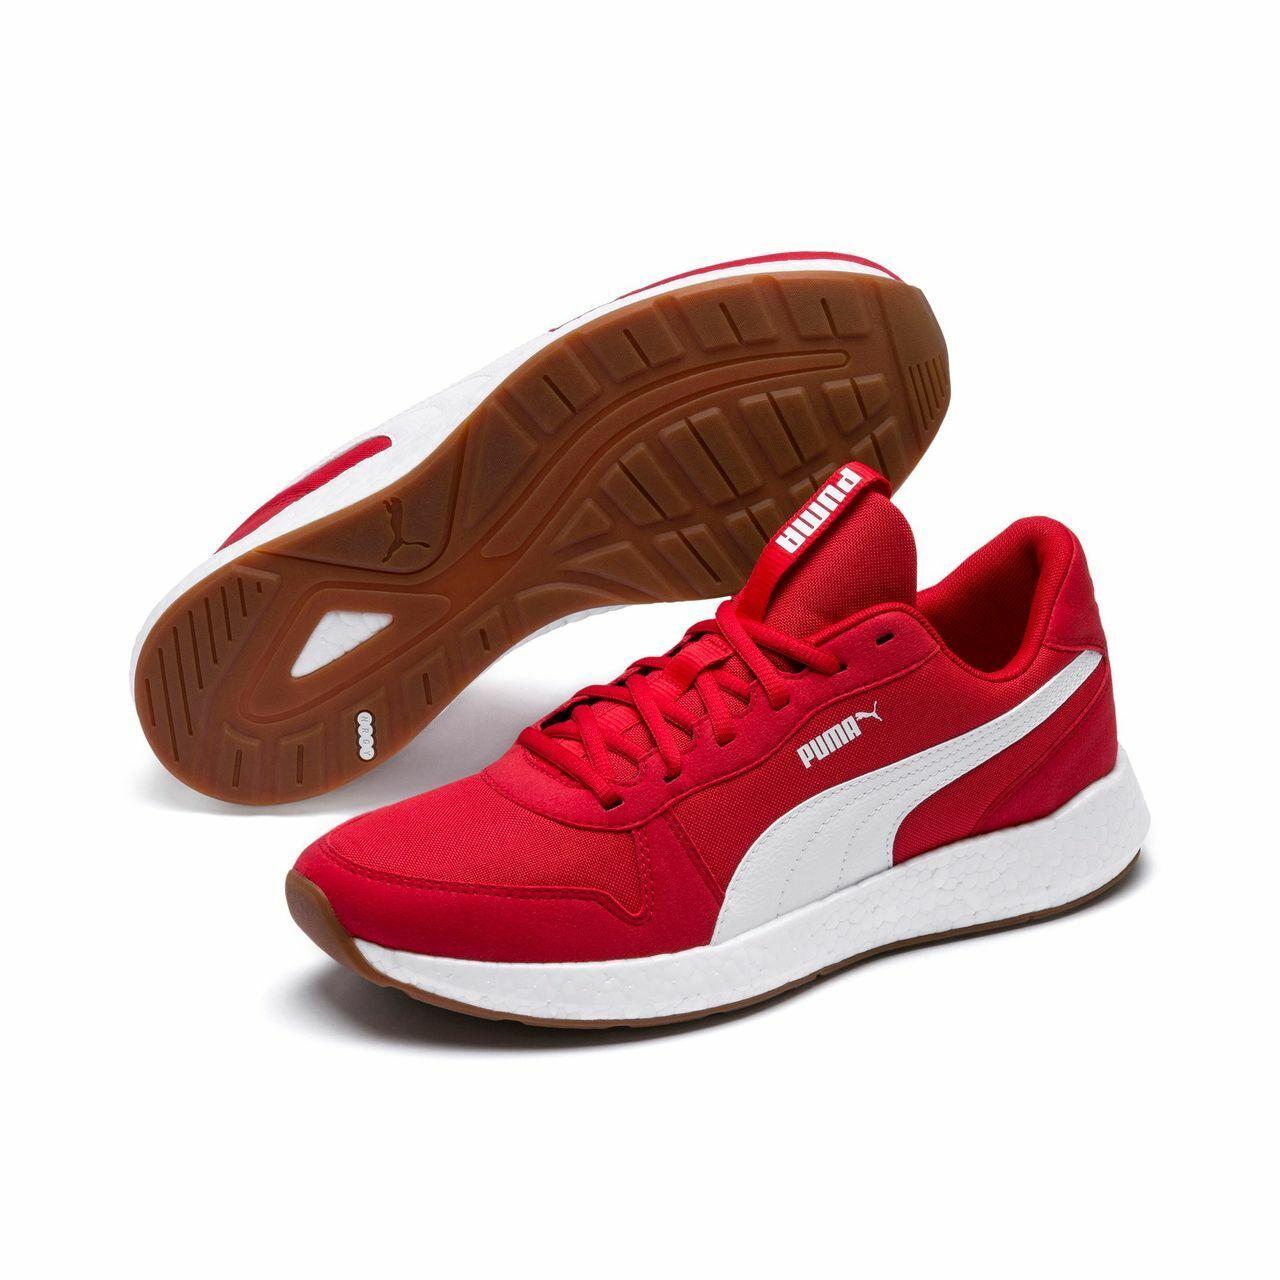 Puma Hombre Nrgy Neko Retro Exterior Zapatos para Fitness Rojo 192509 01